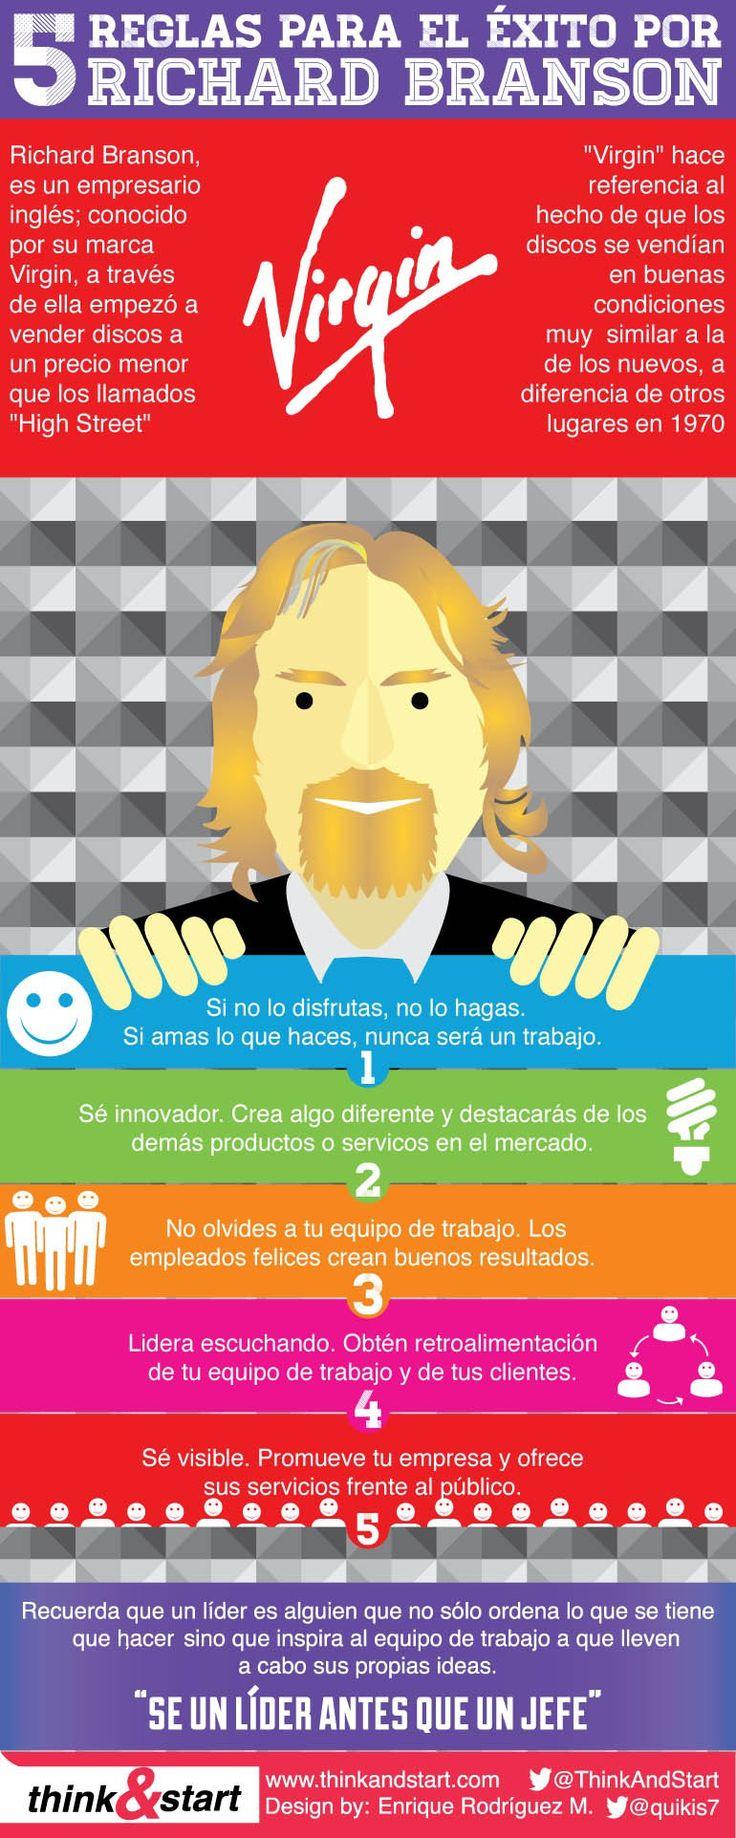 5 reglas del éxito por Richard Branson #infografia #leadership #entreprenurship